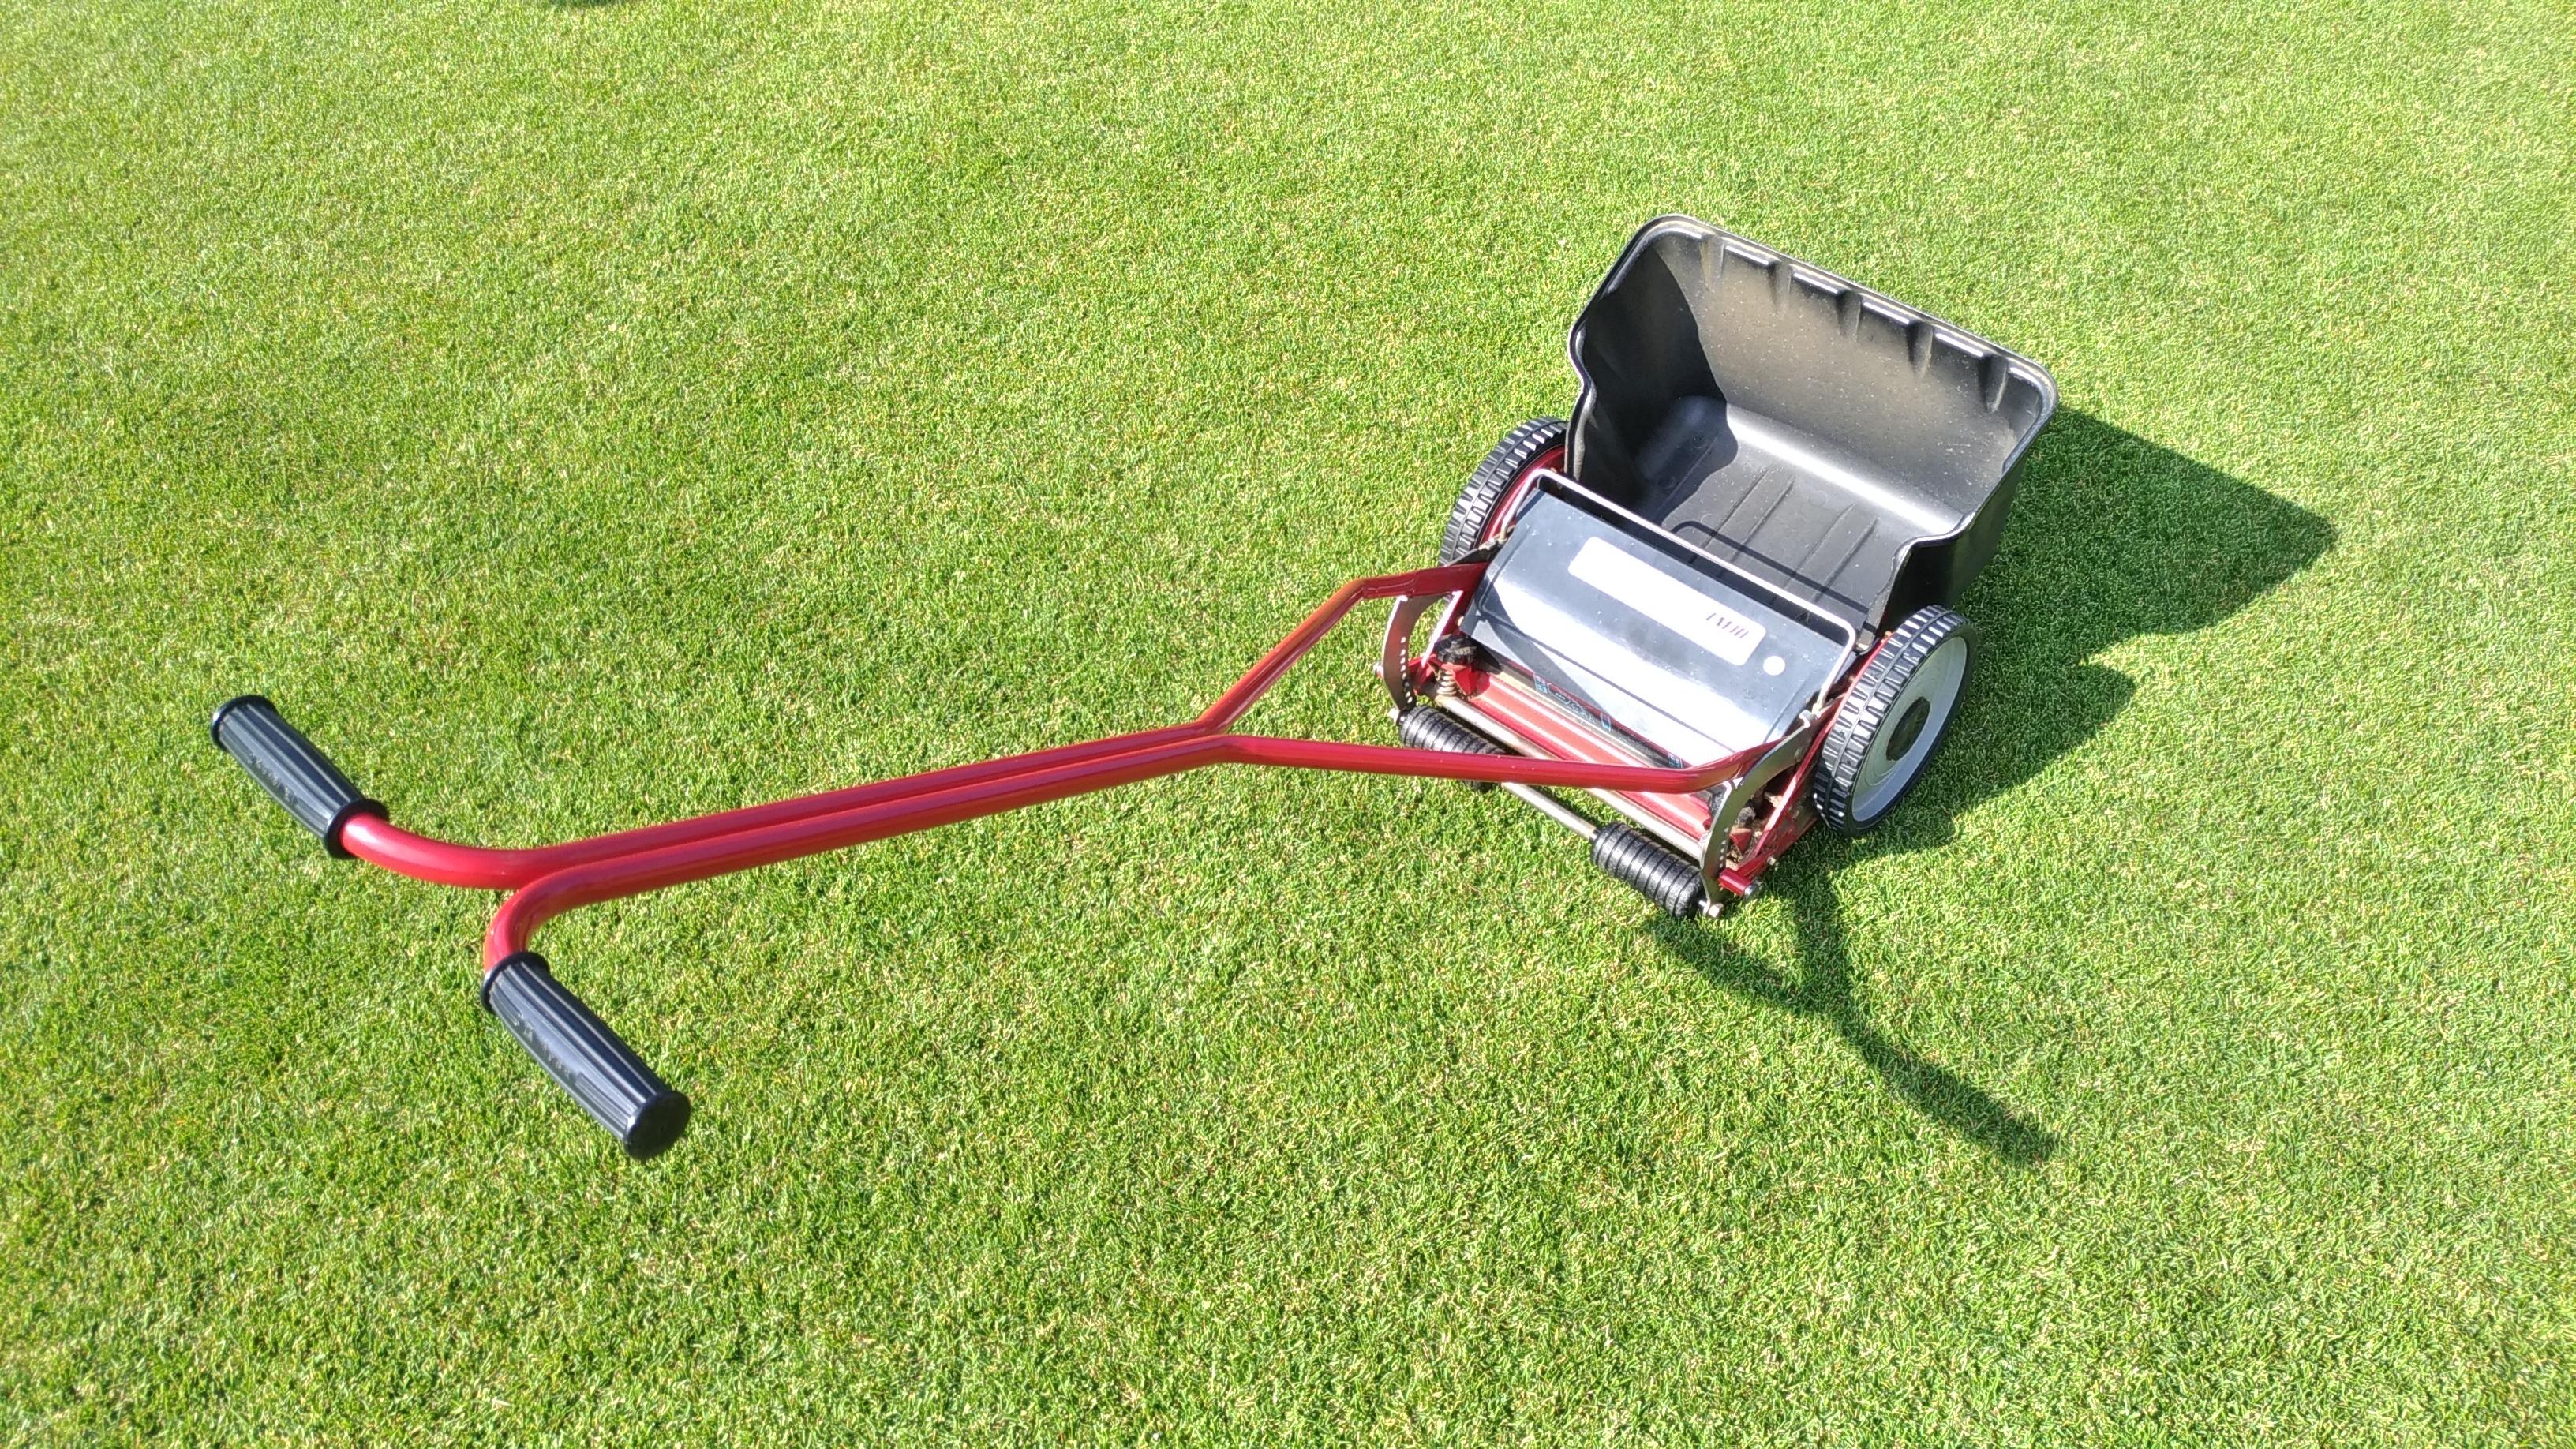 芝刈りを時間短縮する方法3選😃✨